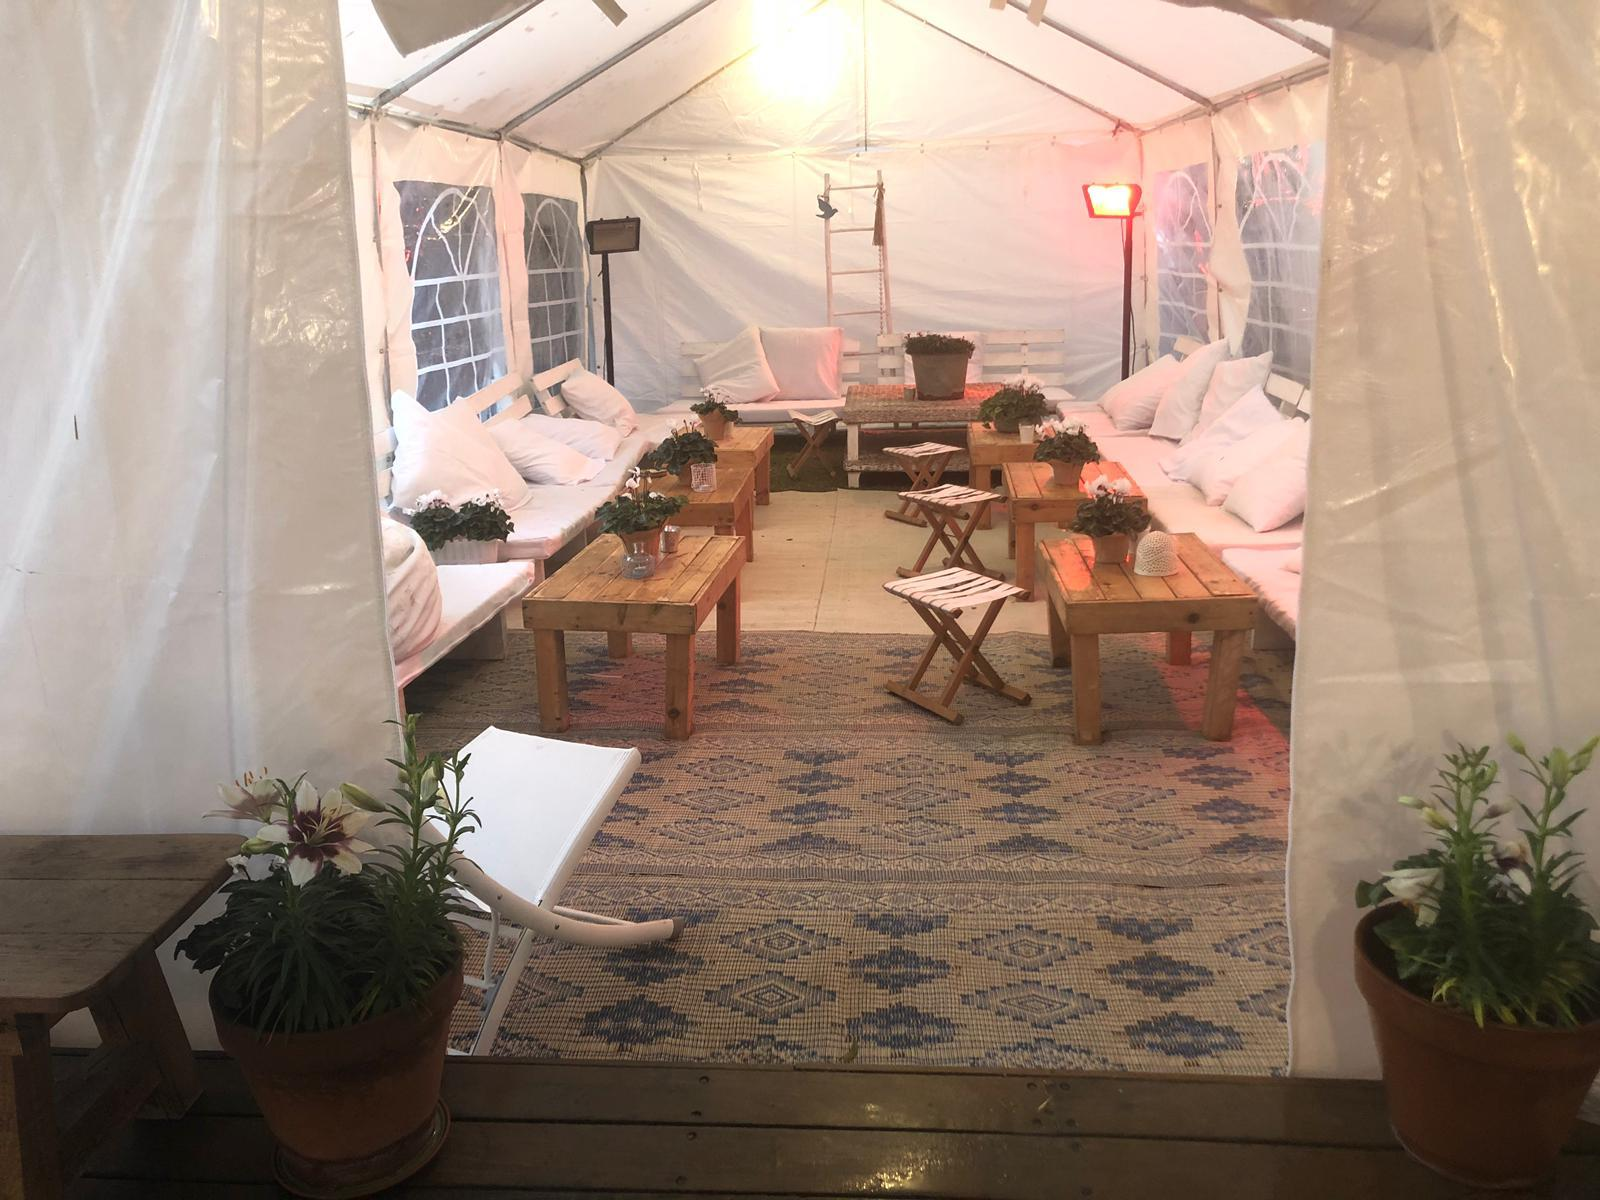 אירוח אלטרנטיבי באוהל חורף